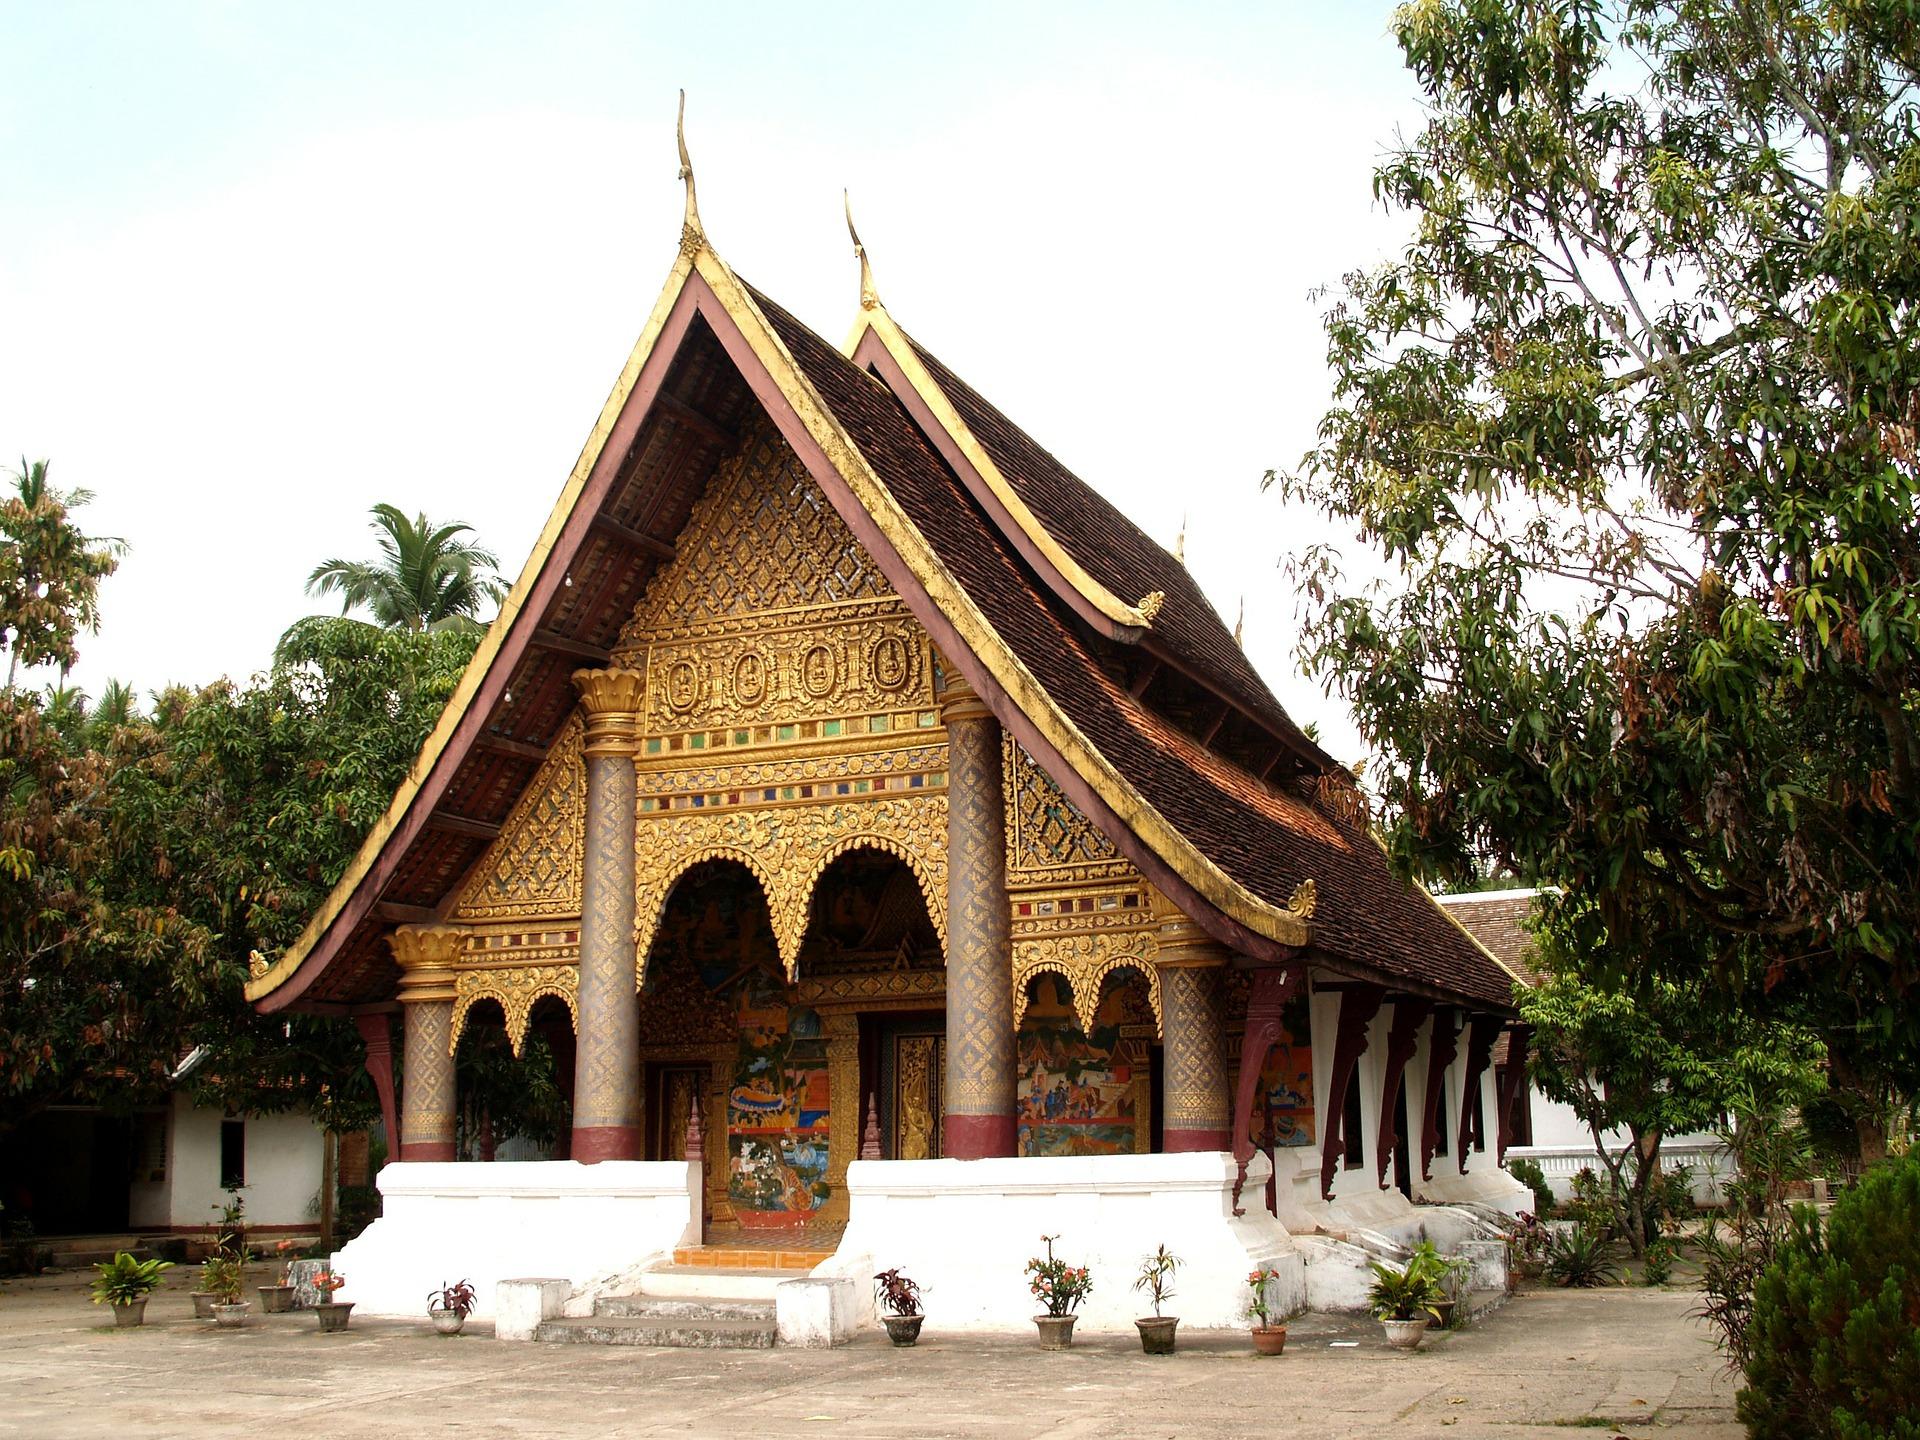 luang-prabang-142292_1920.jpg